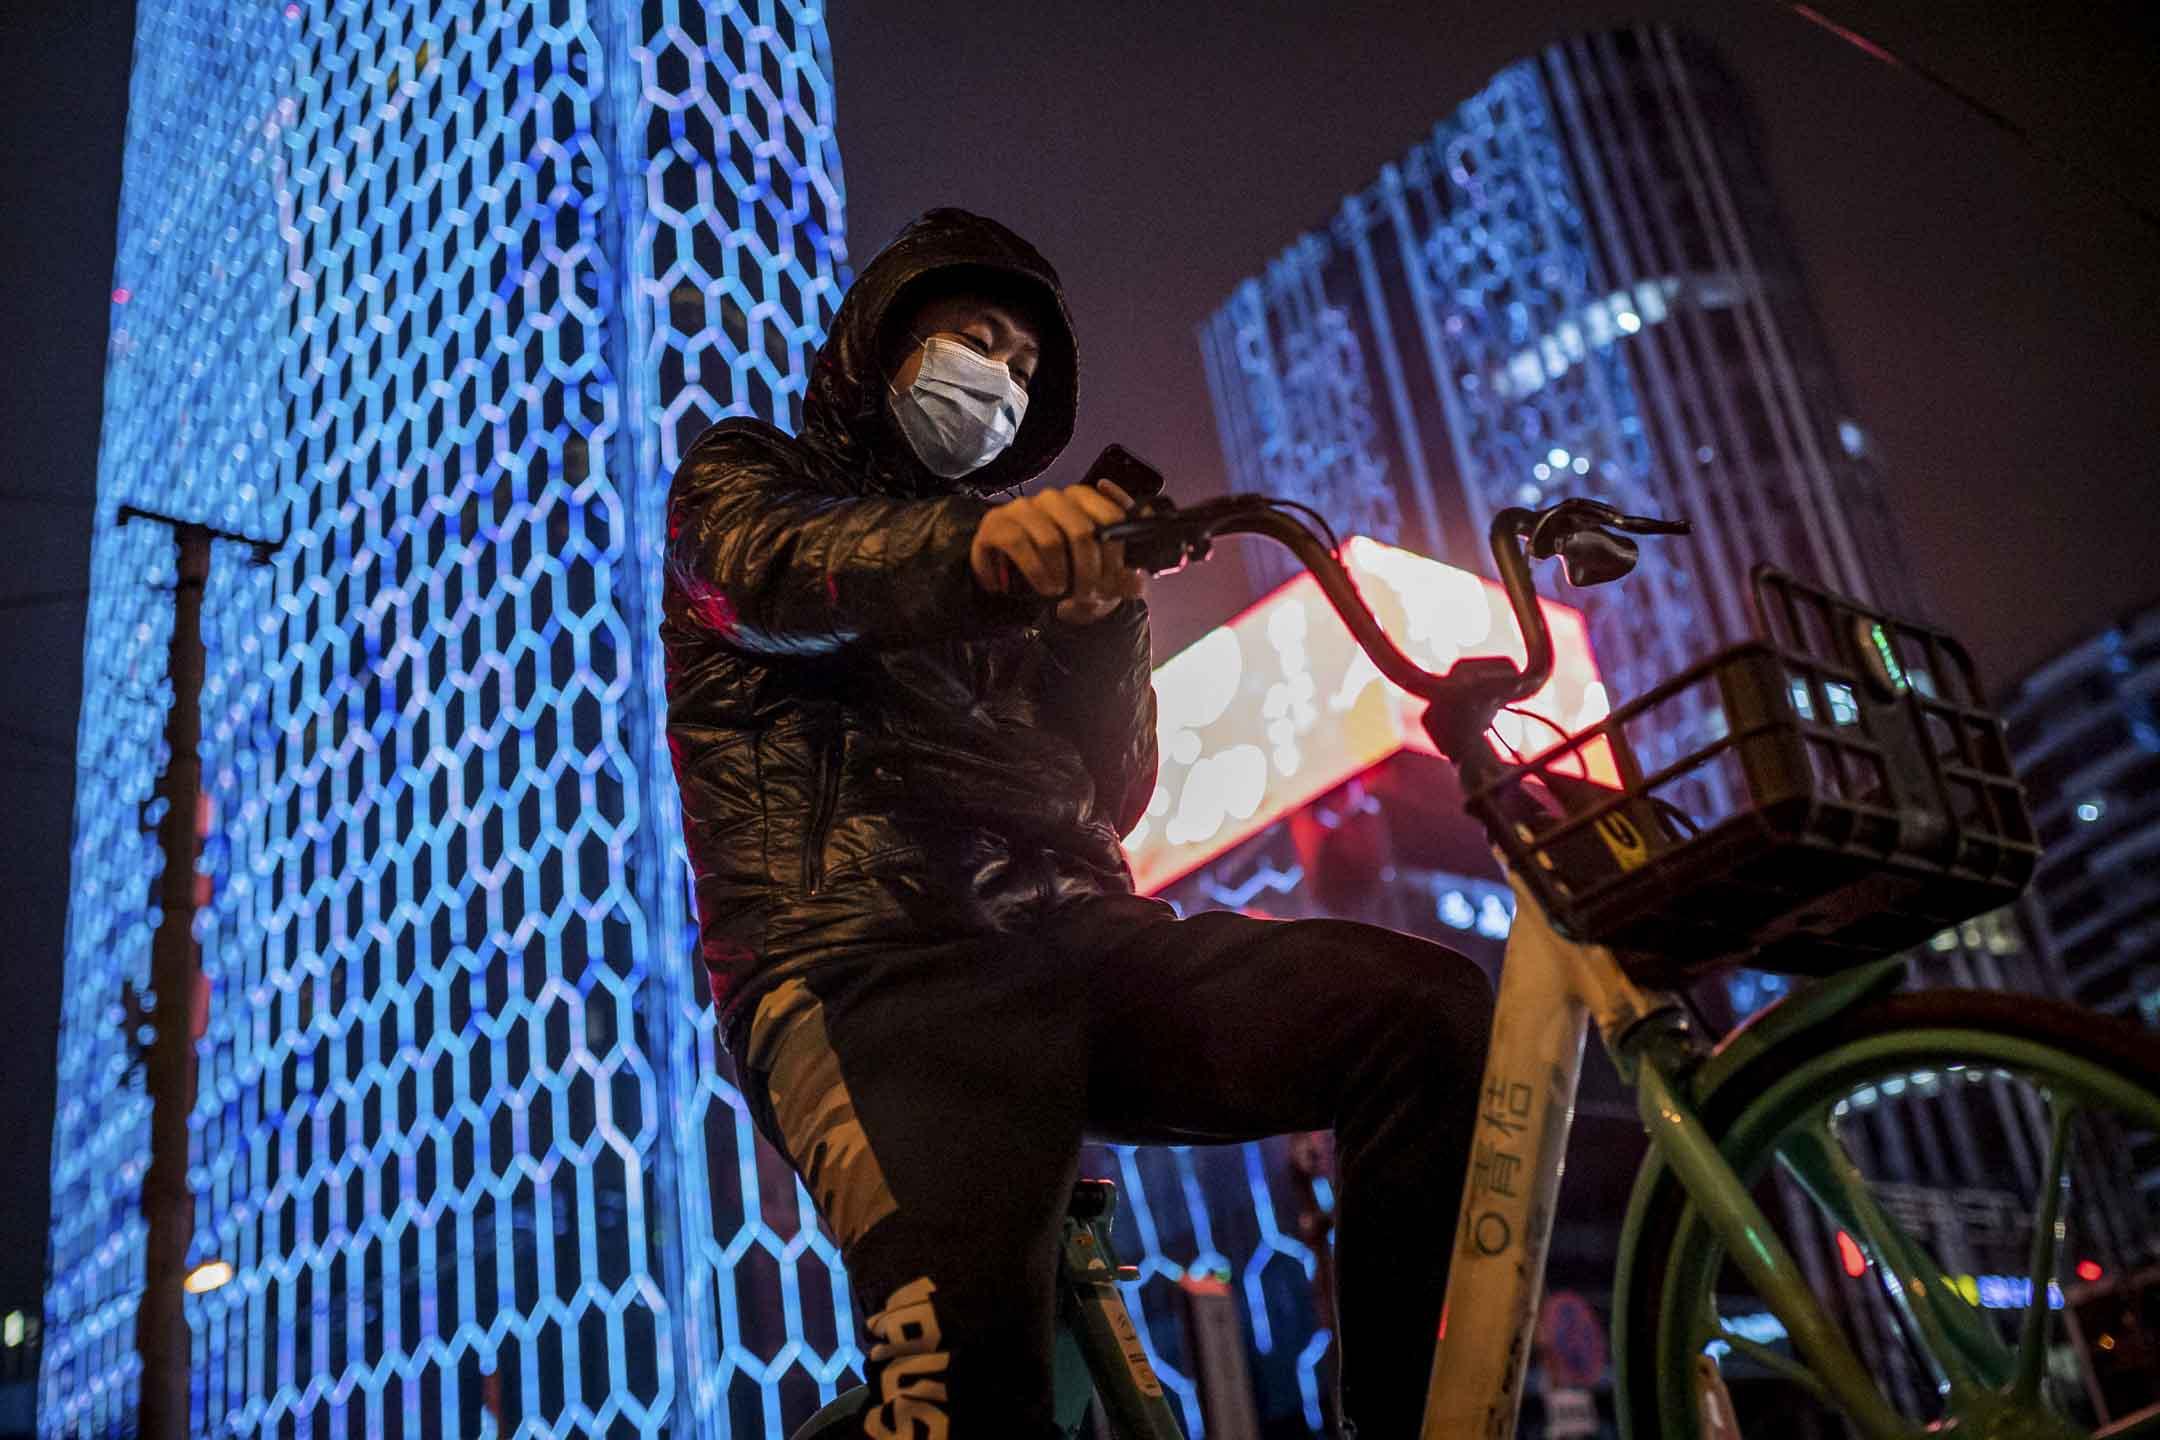 2020年2月24日,北京一名戴著口罩的男子在踏單車。 攝:Nicolas Asfouri/AFP via Getty Images